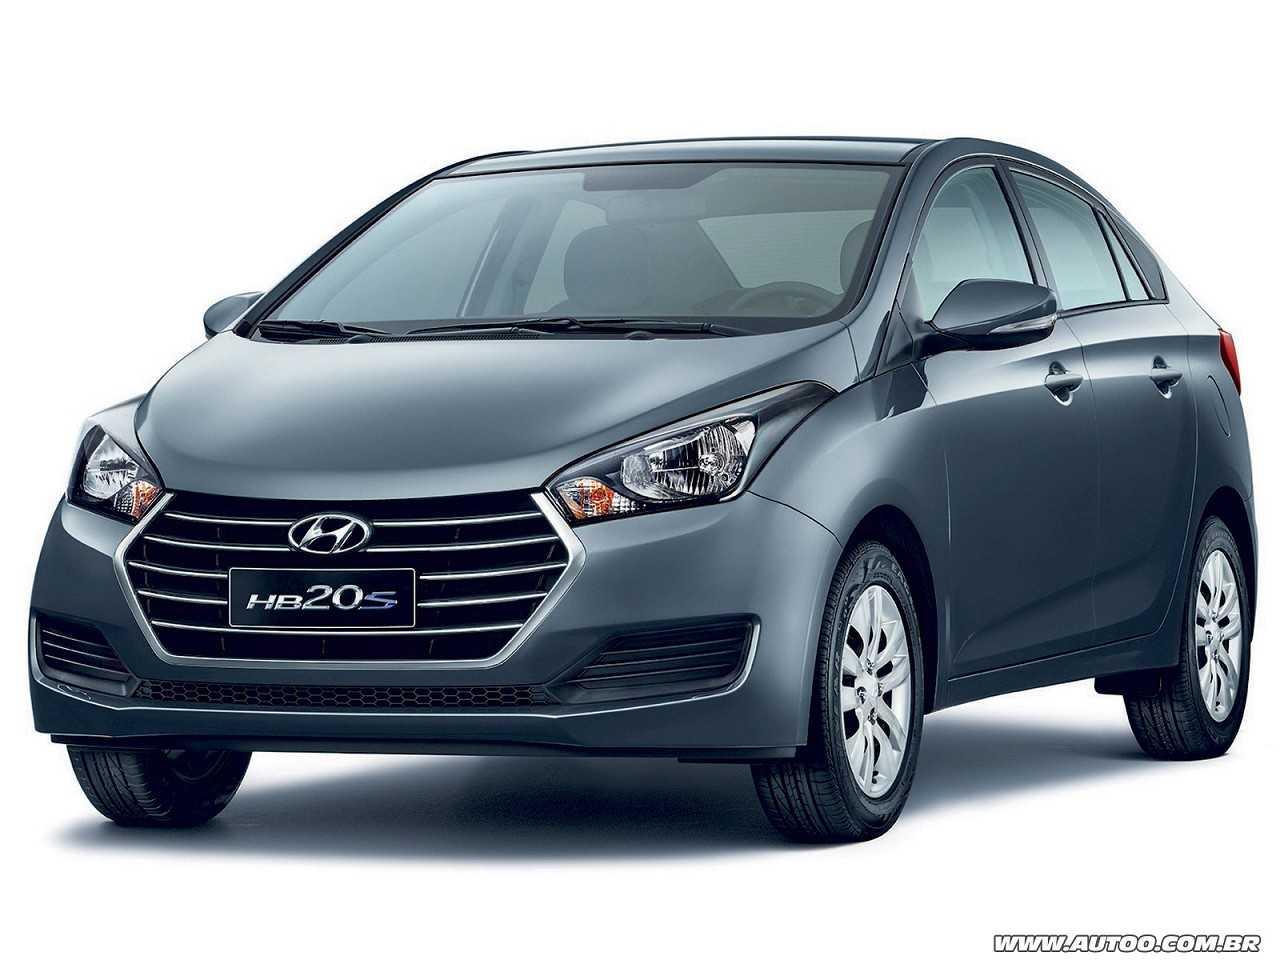 HyundaiHB20S 2016 - ângulo frontal